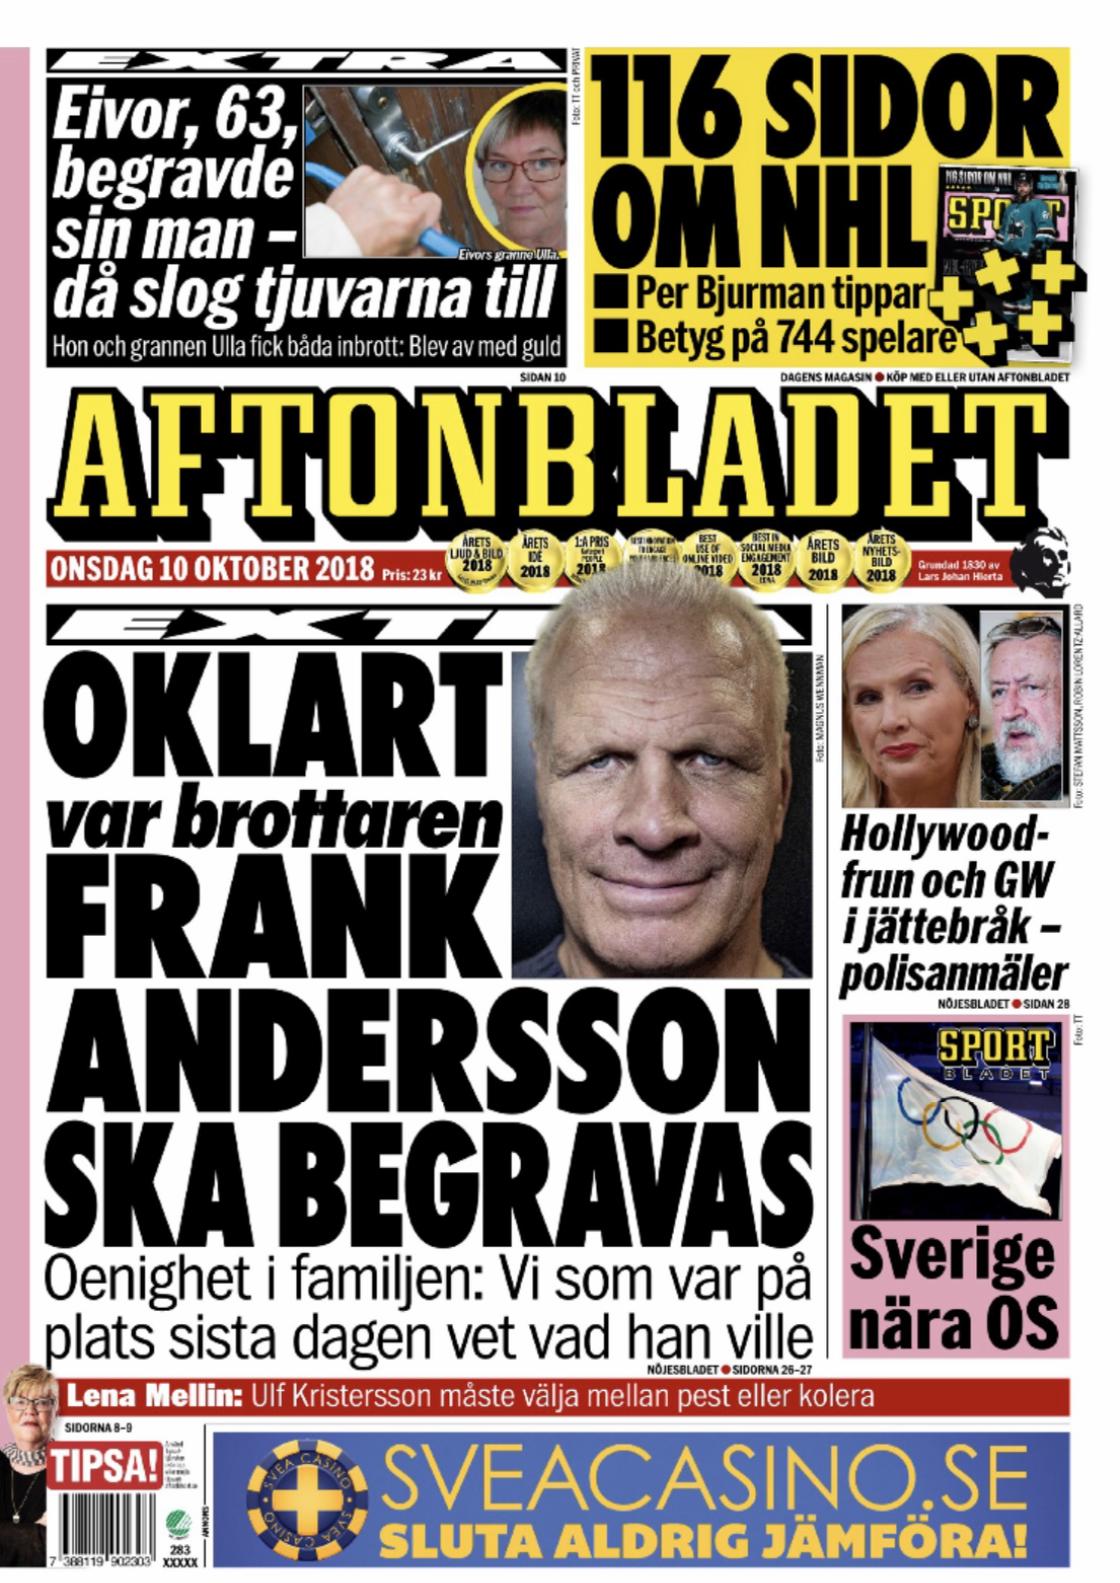 Newspaper Aftonbladet (Sweden). Newspapers in Sweden